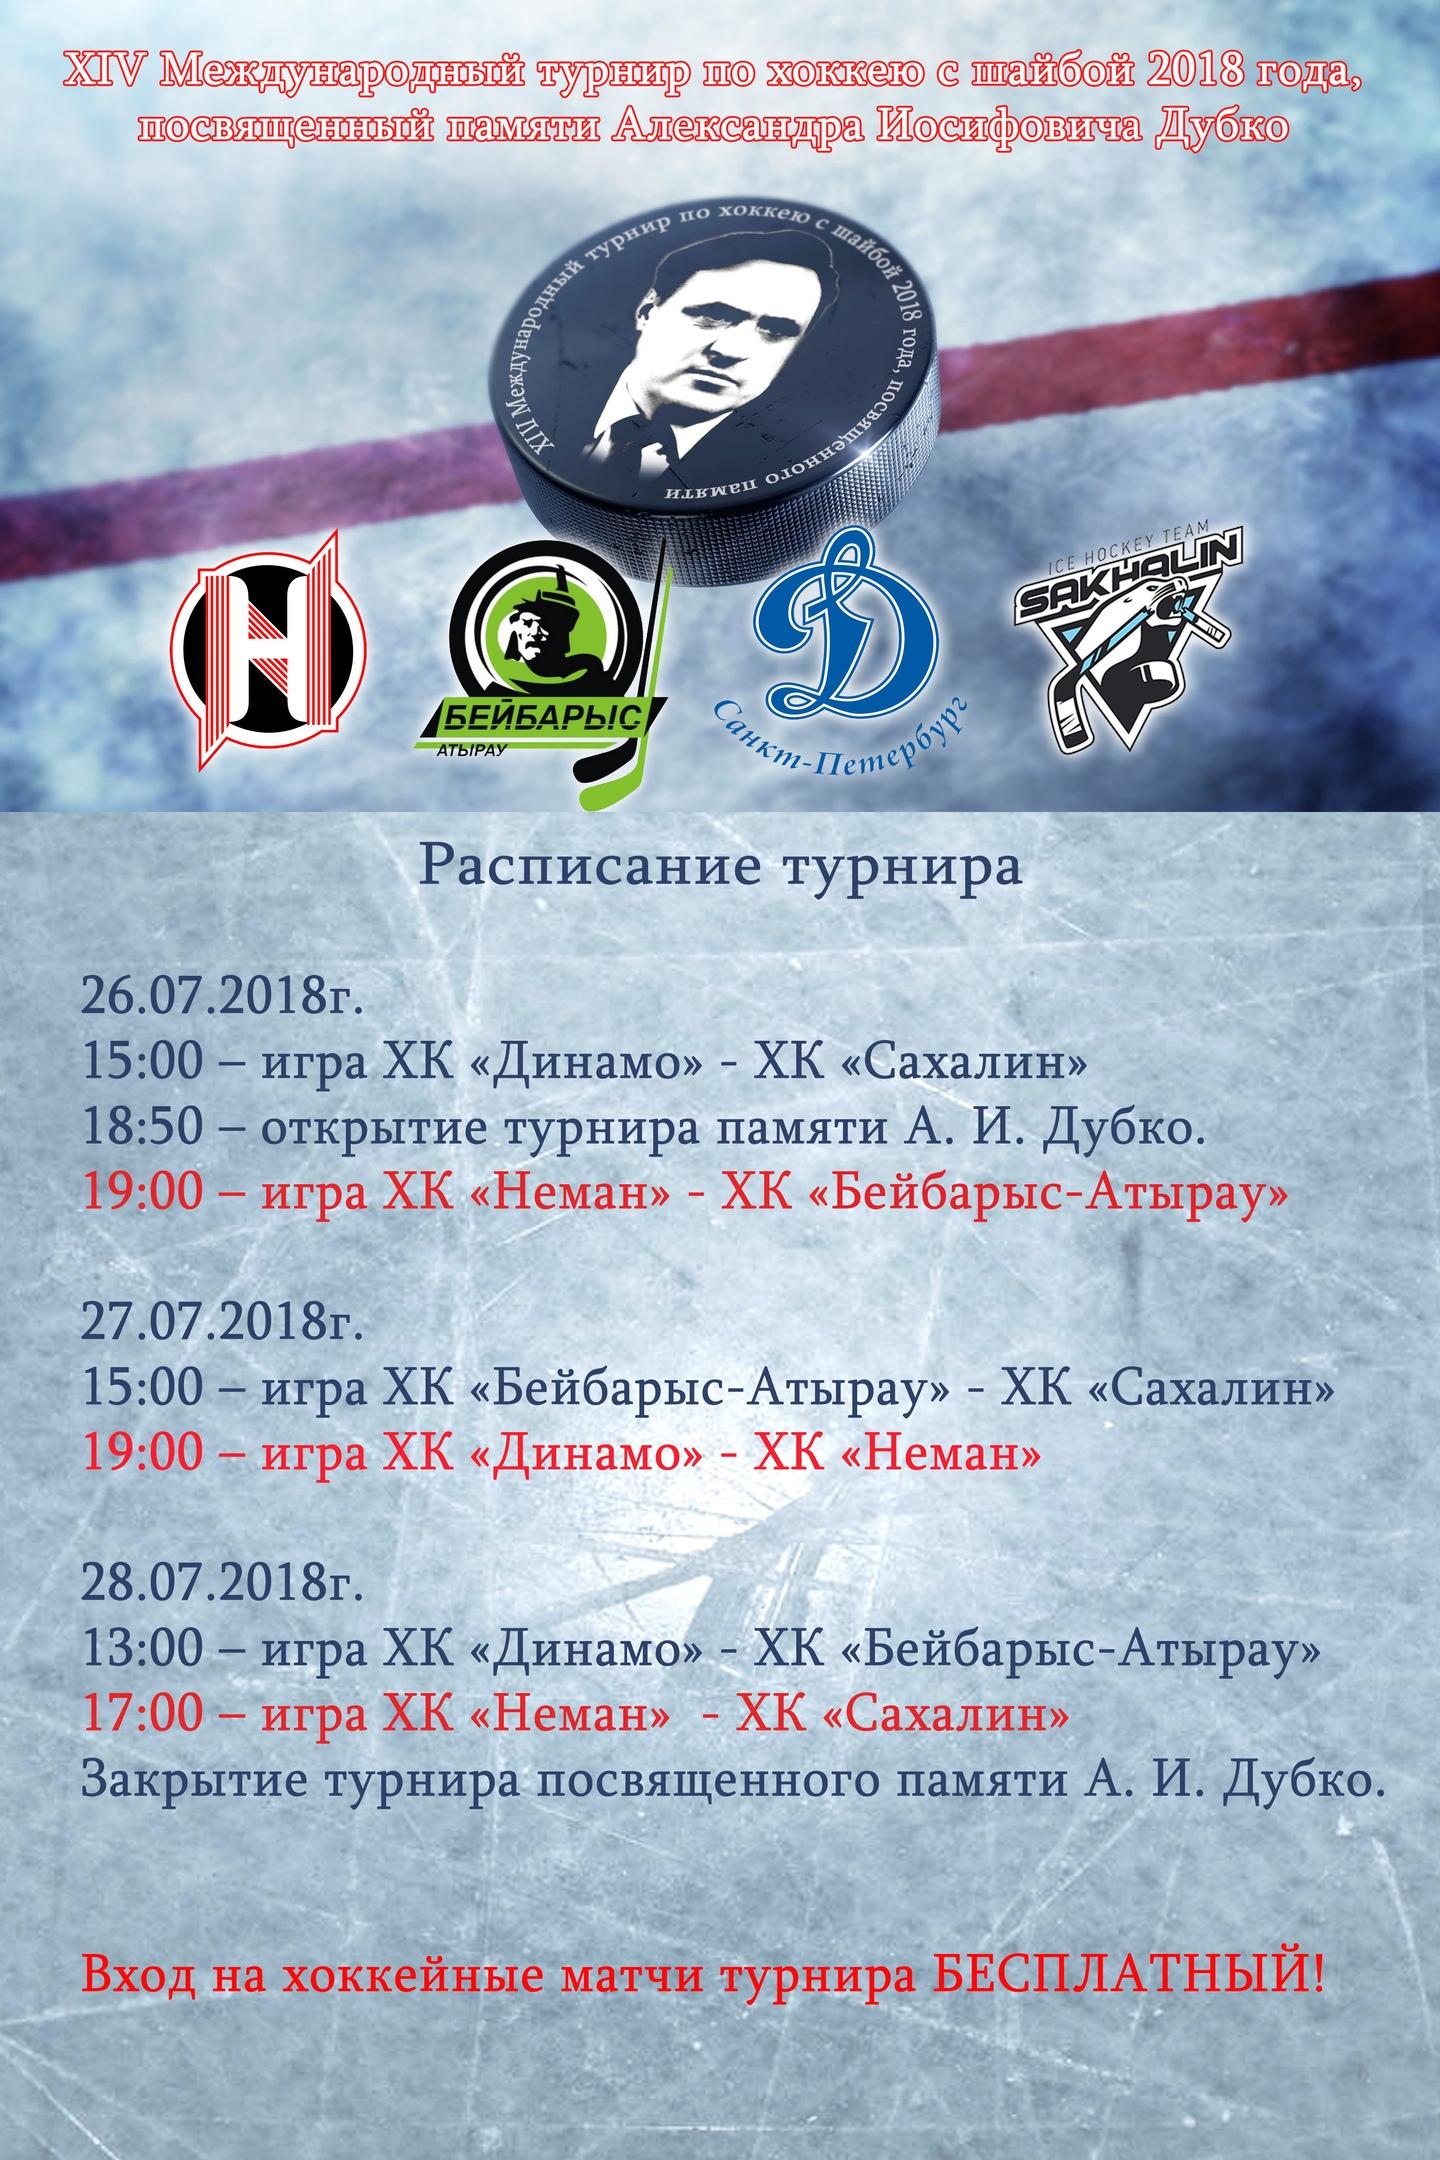 Международный турнир по хоккею, посвященный памяти Александра Иосифовича Дубко пройдет в Гродно